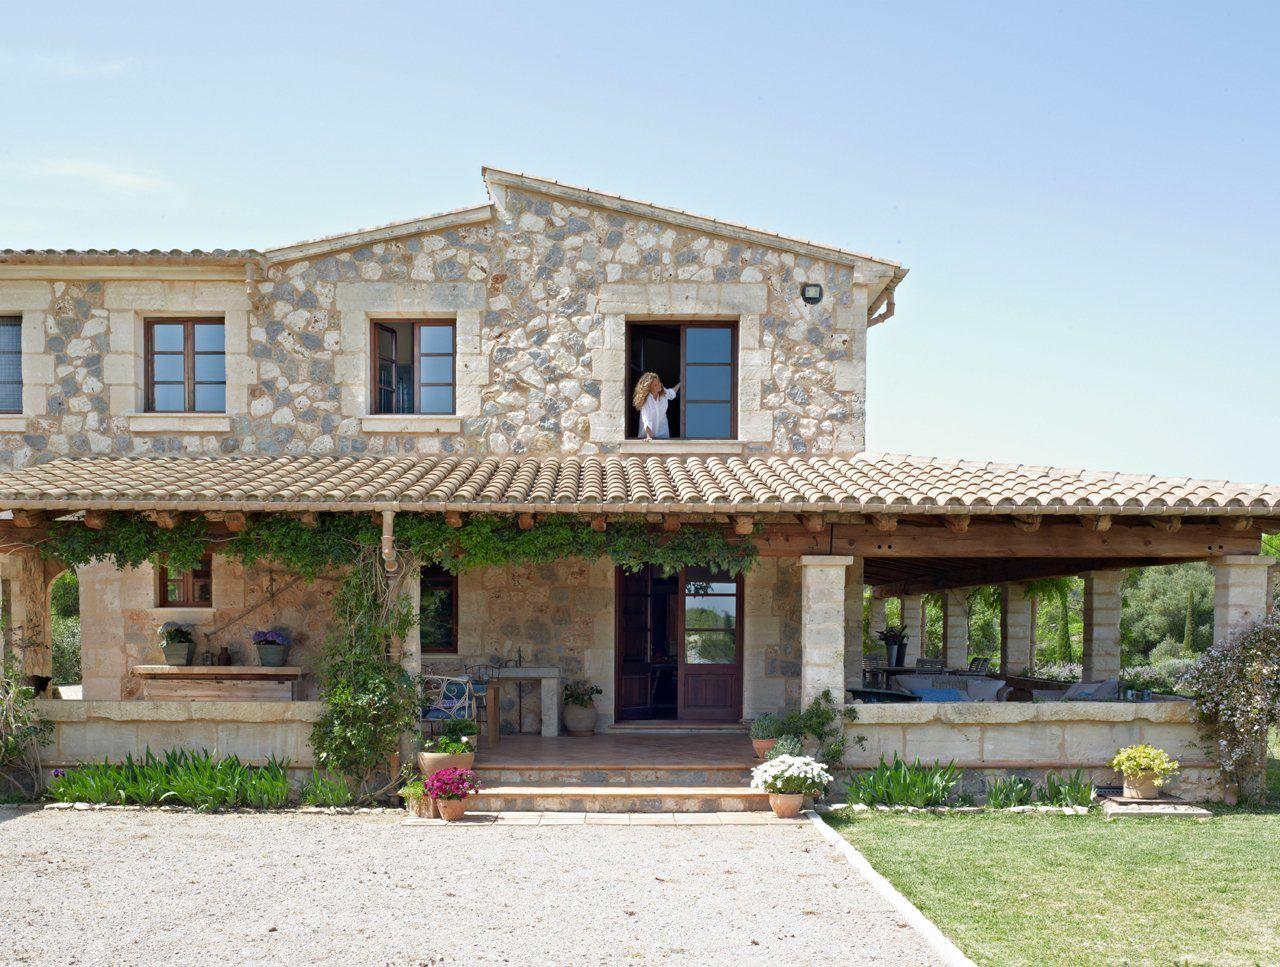 La fachada y el porche el gran porche recorre parte de la - Casas con porche ...